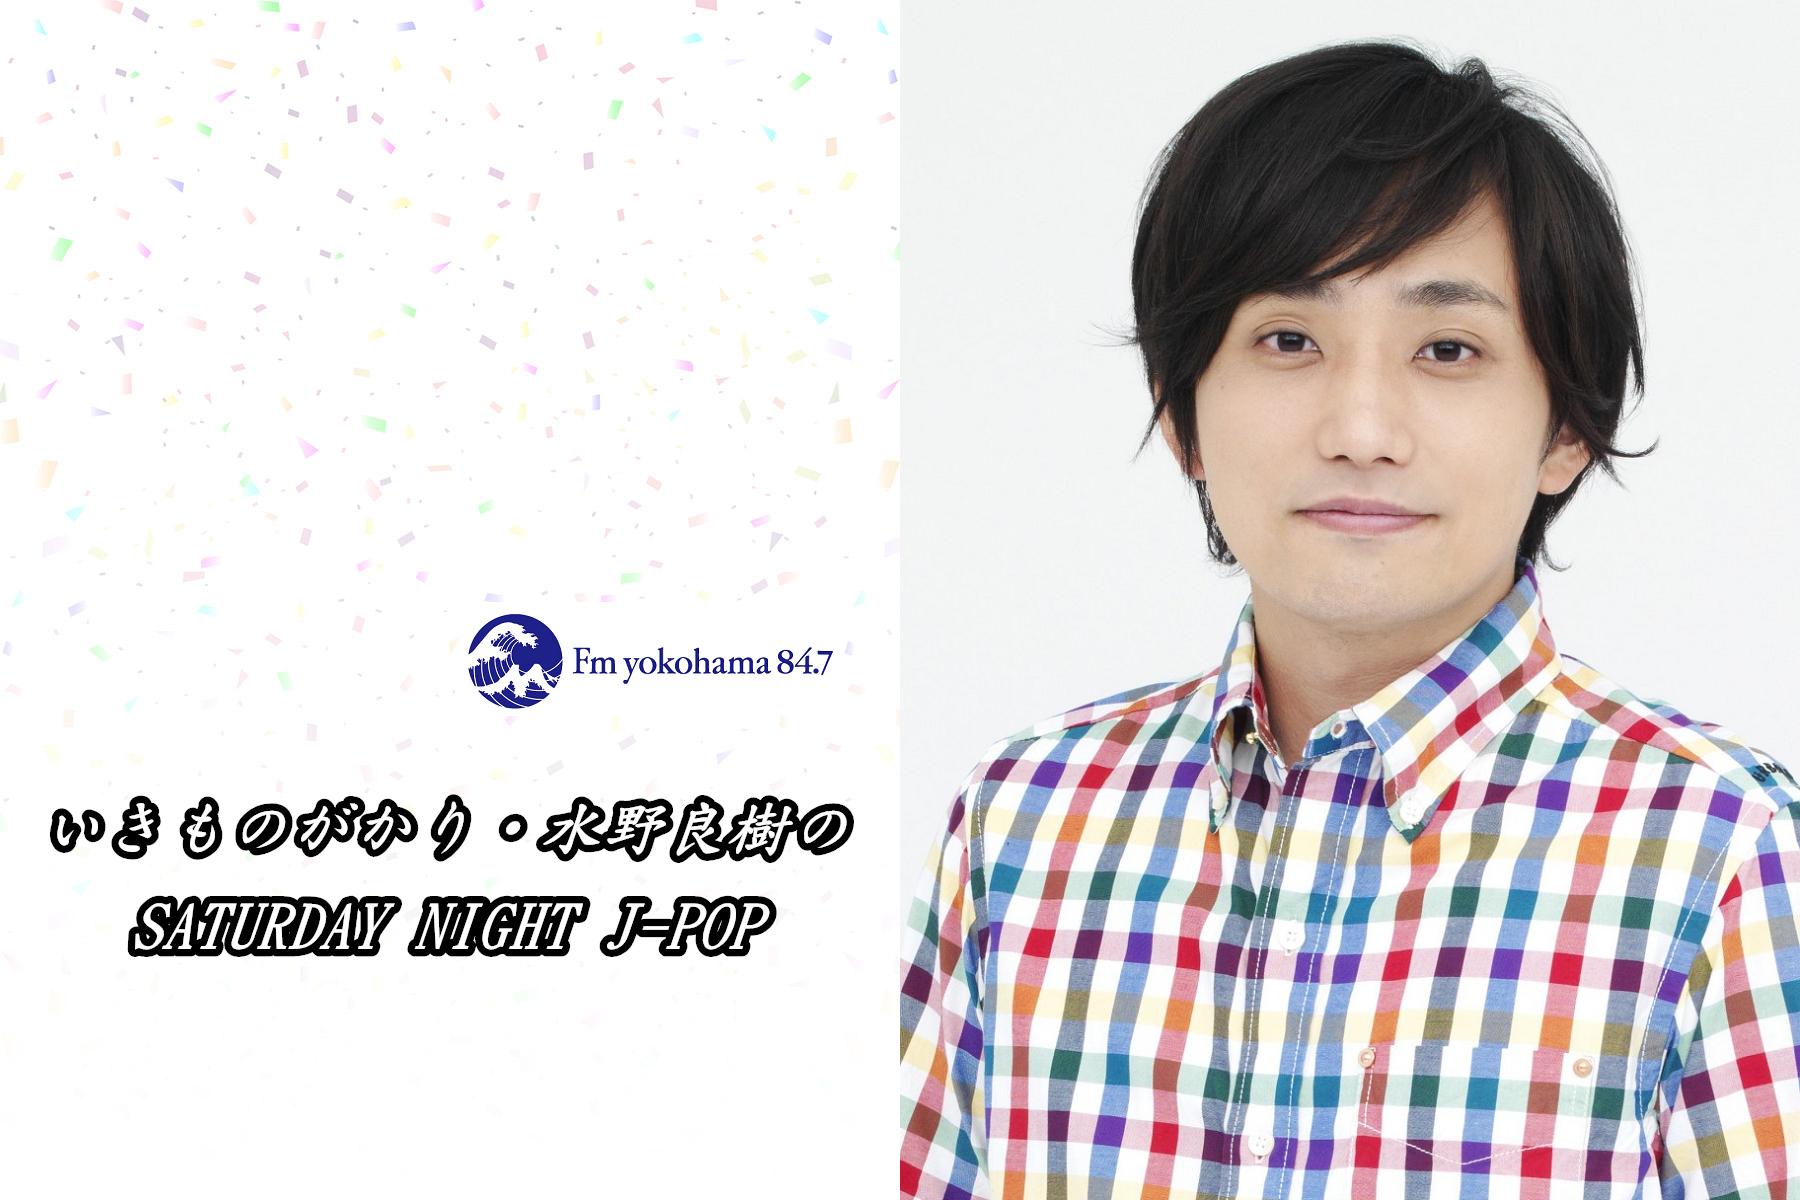 SATURDAY NIGHT J-POP